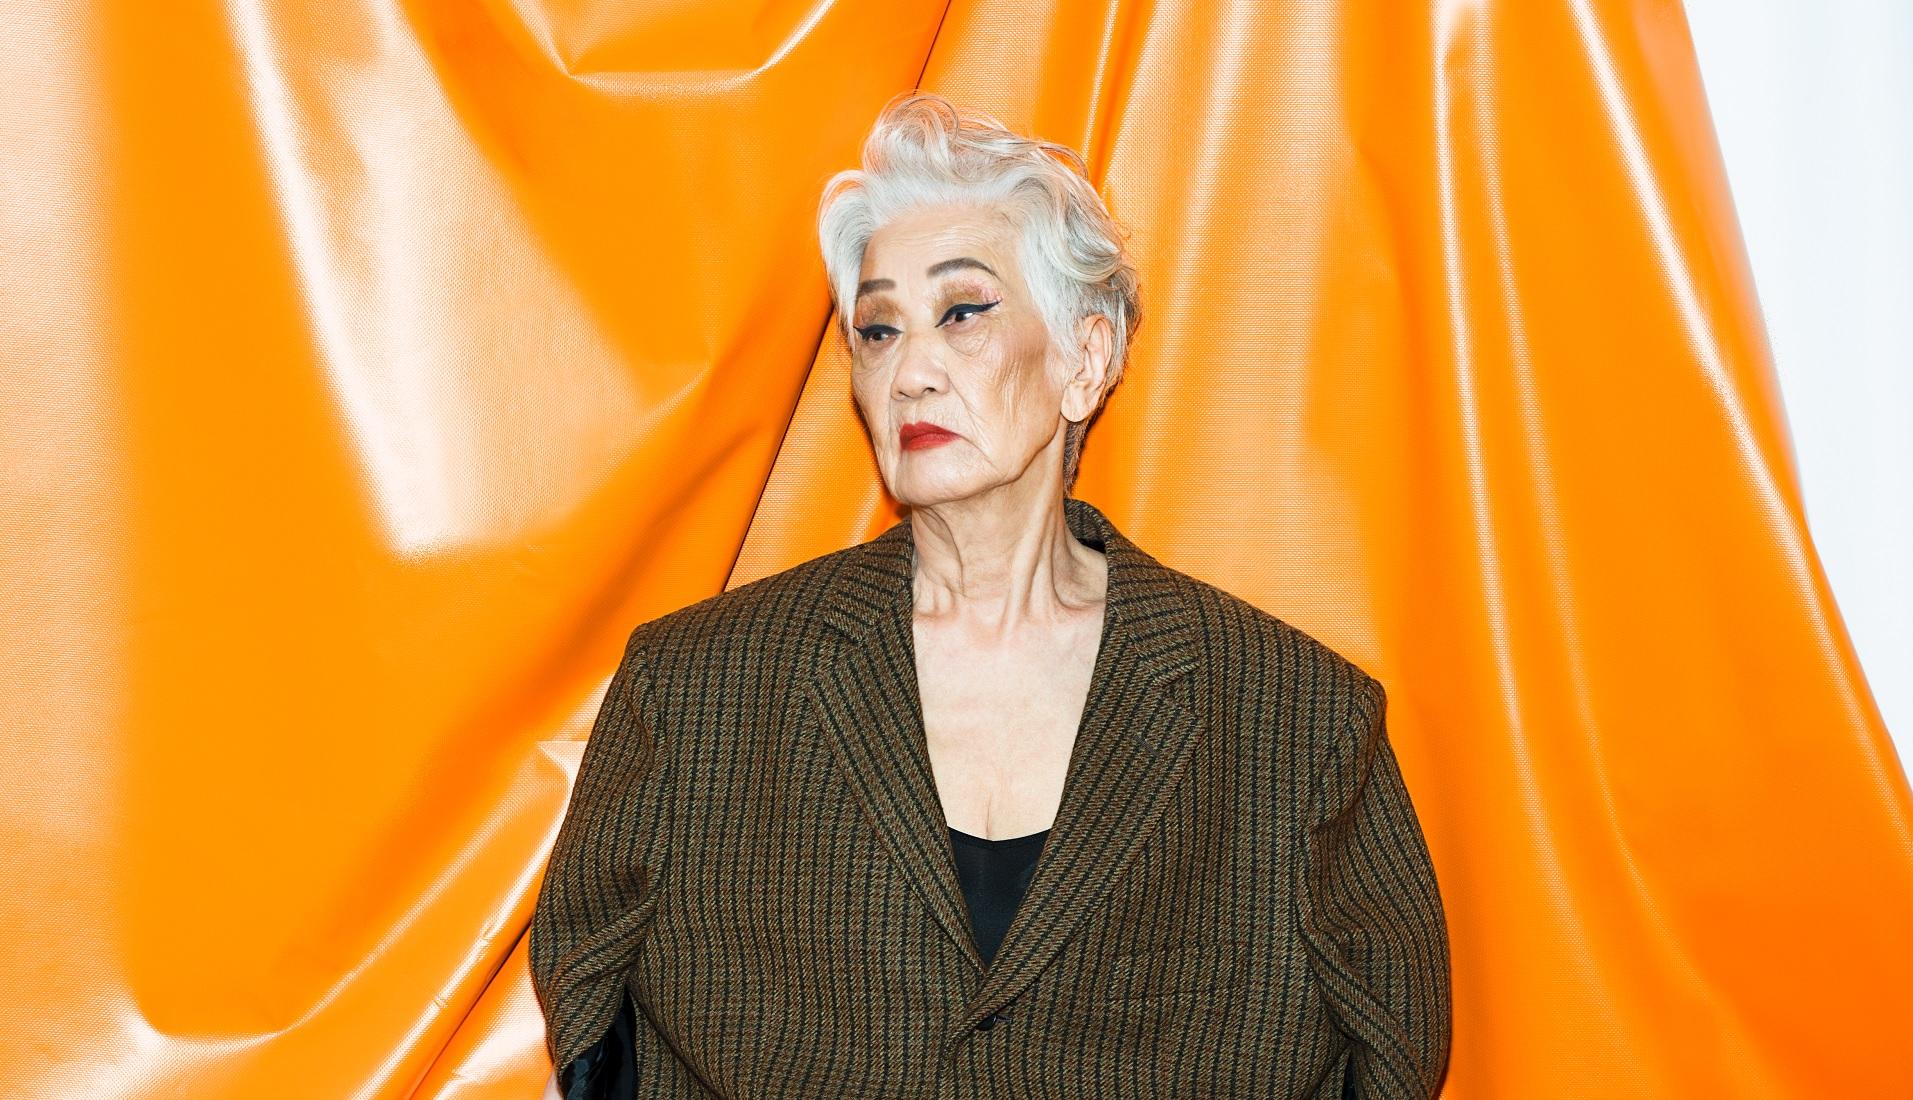 留不住青春,那就優雅老去!台灣93歲「潮模」稱霸時尚圈,時時愛自己、容光煥發